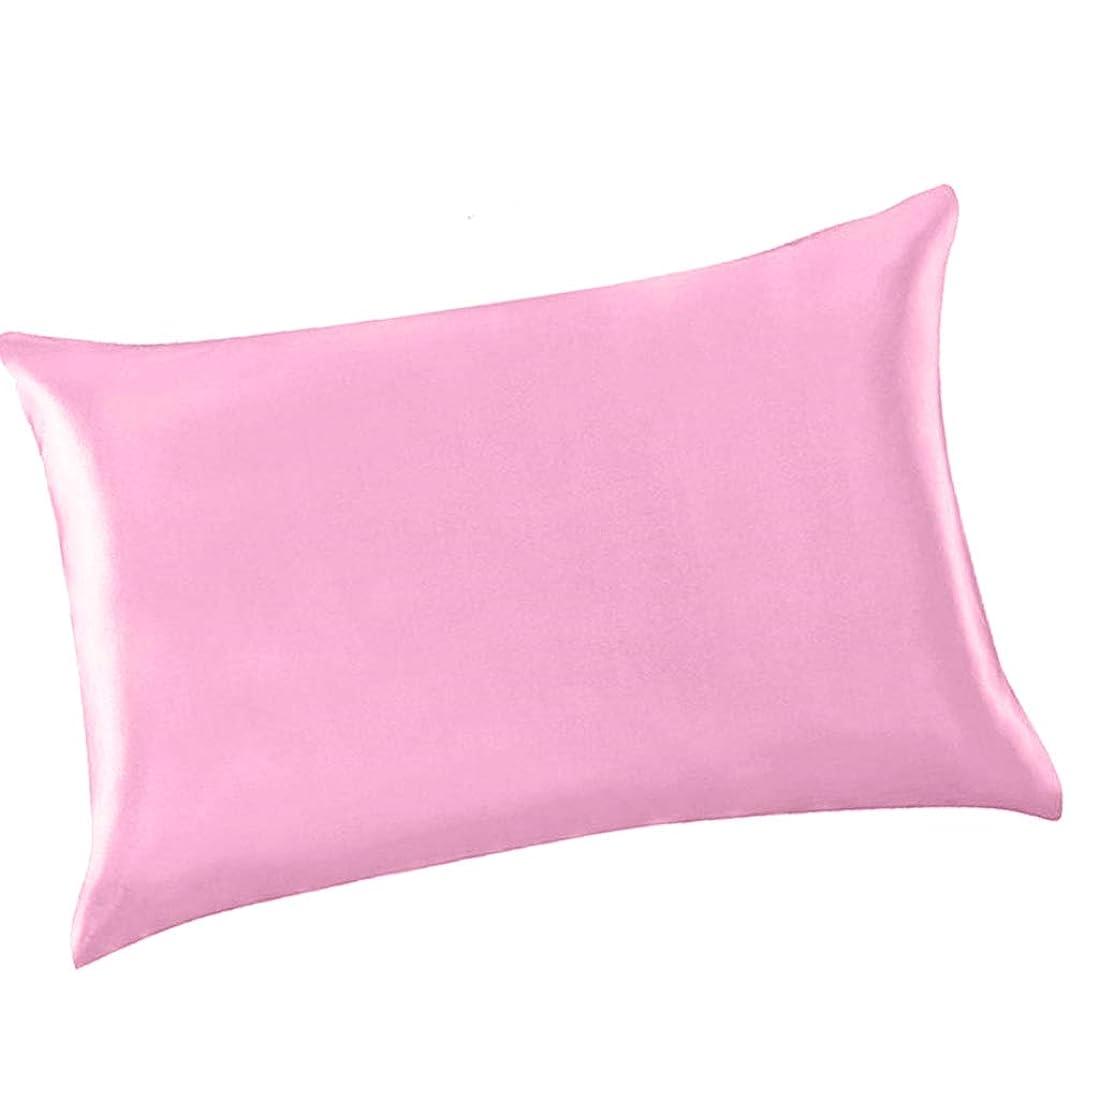 ファン乳白ジャグリングF Fityle 枕カバー ピローケース ホテル品質 封筒式 滑らか 柔らかい ピローケース 選べる5色 約51 X 66cm - ピンク